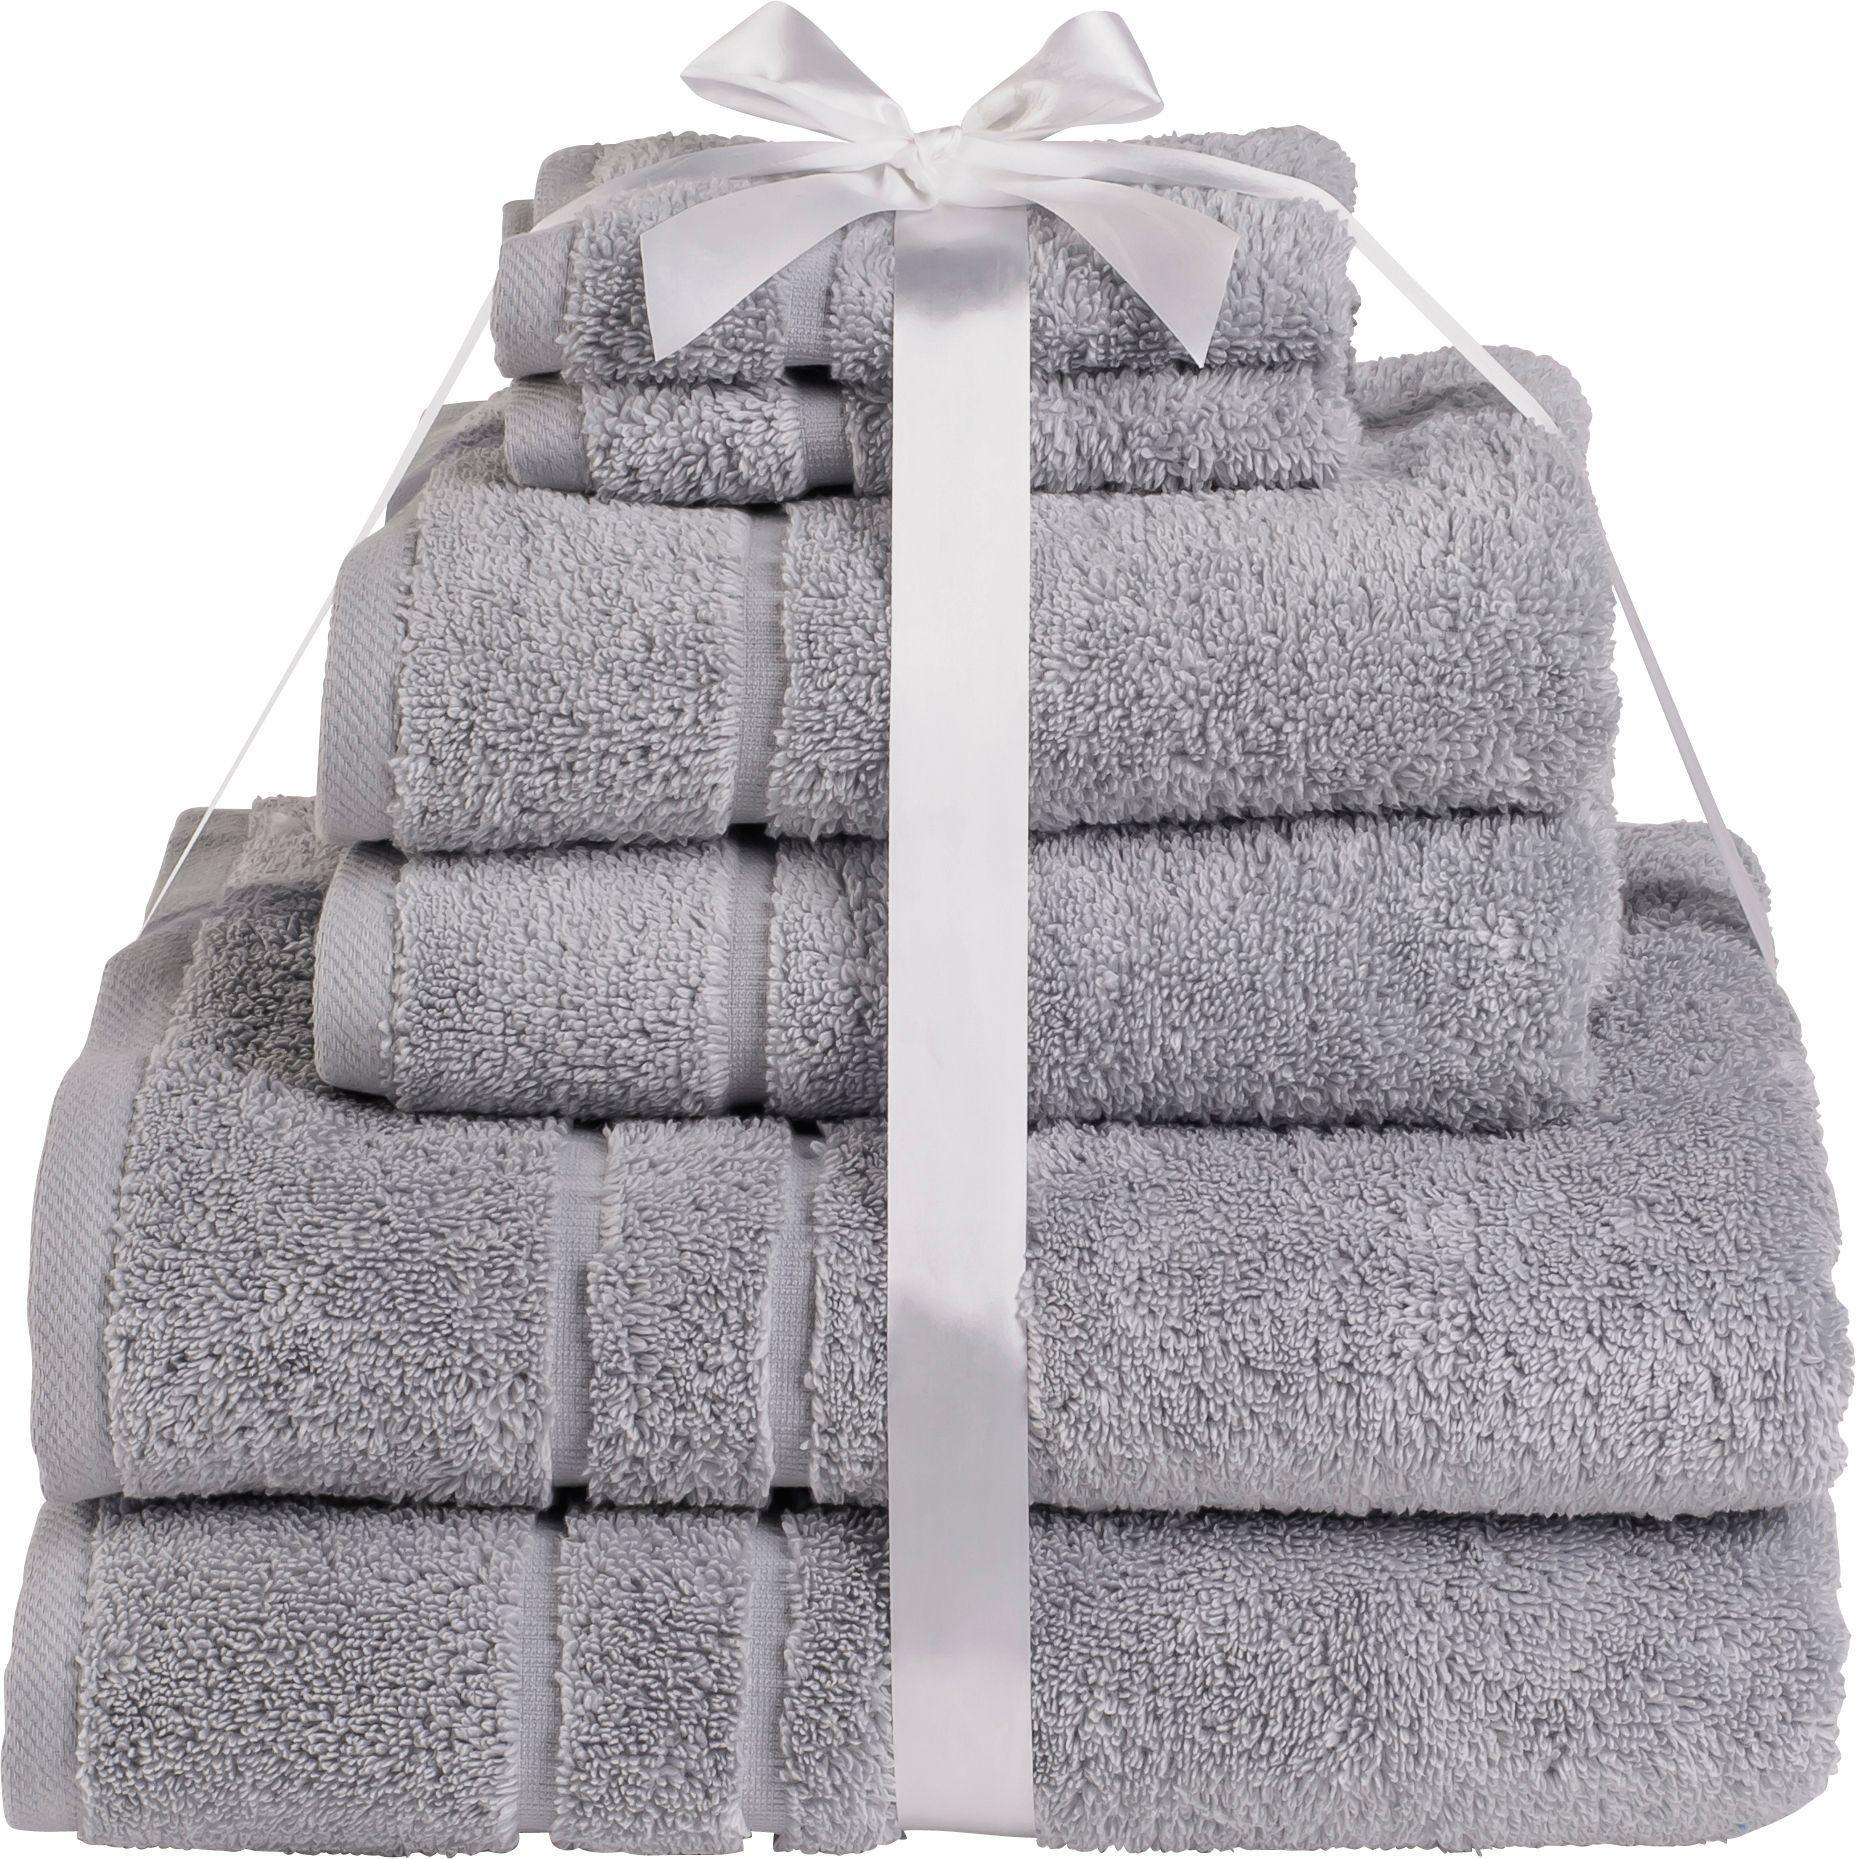 HOME - Zero Twist 6 Piece - Towel Bale - Dove Grey